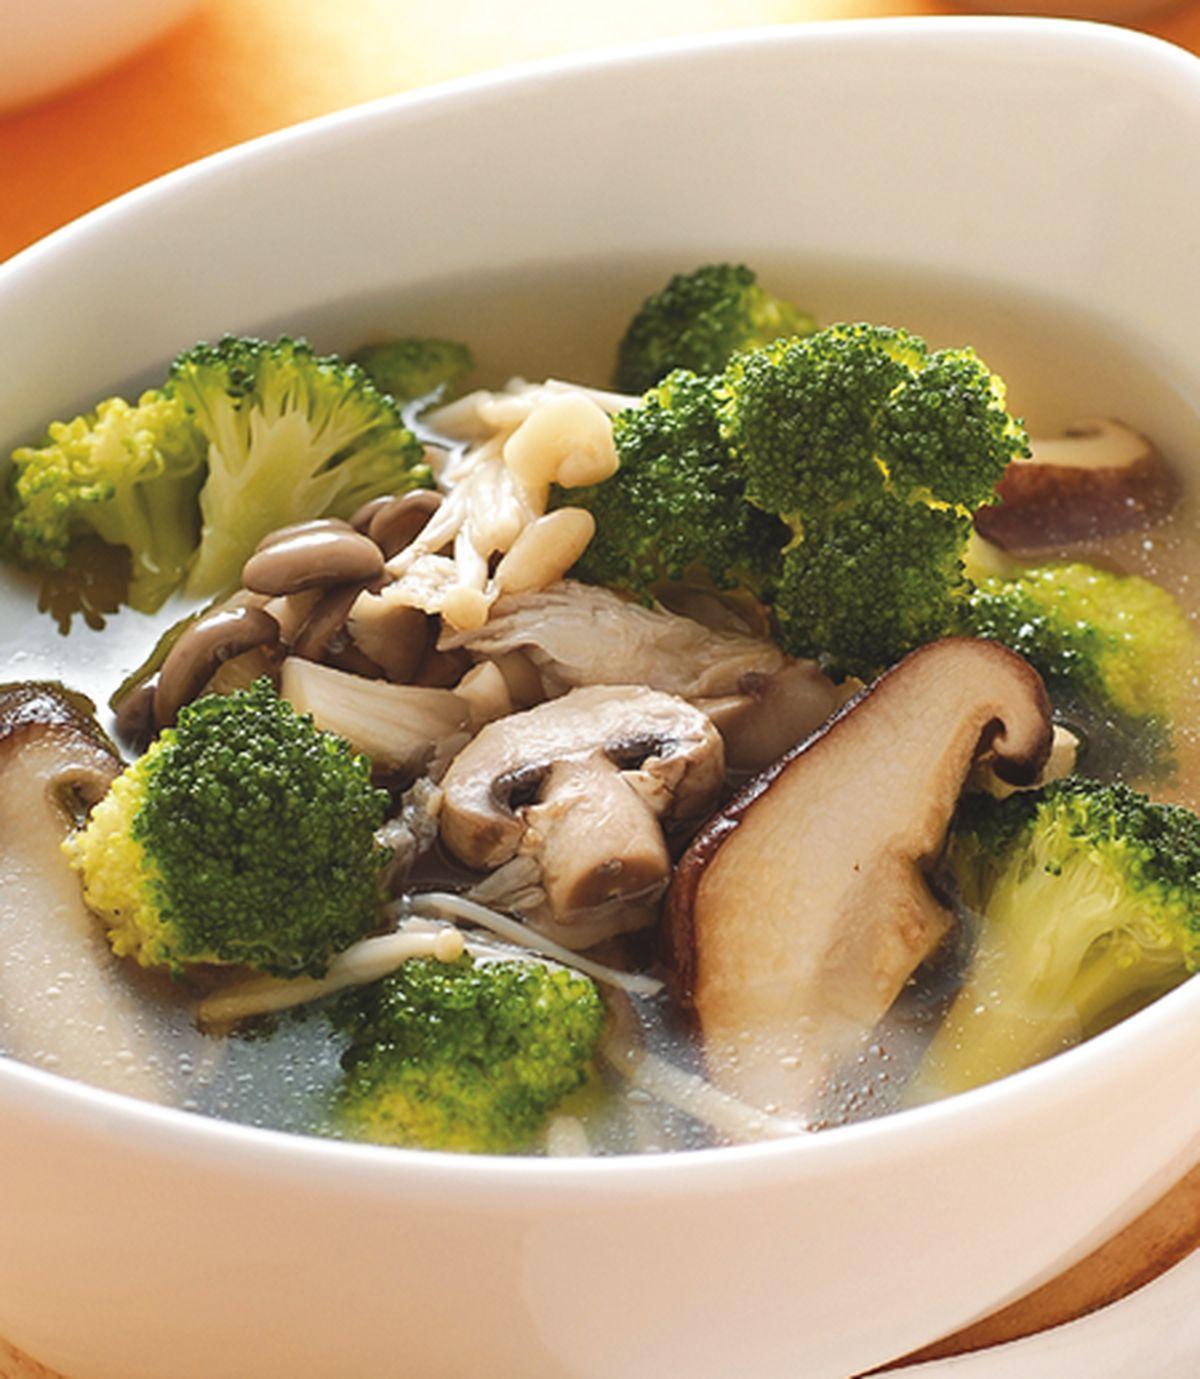 食譜:鮮菇湯